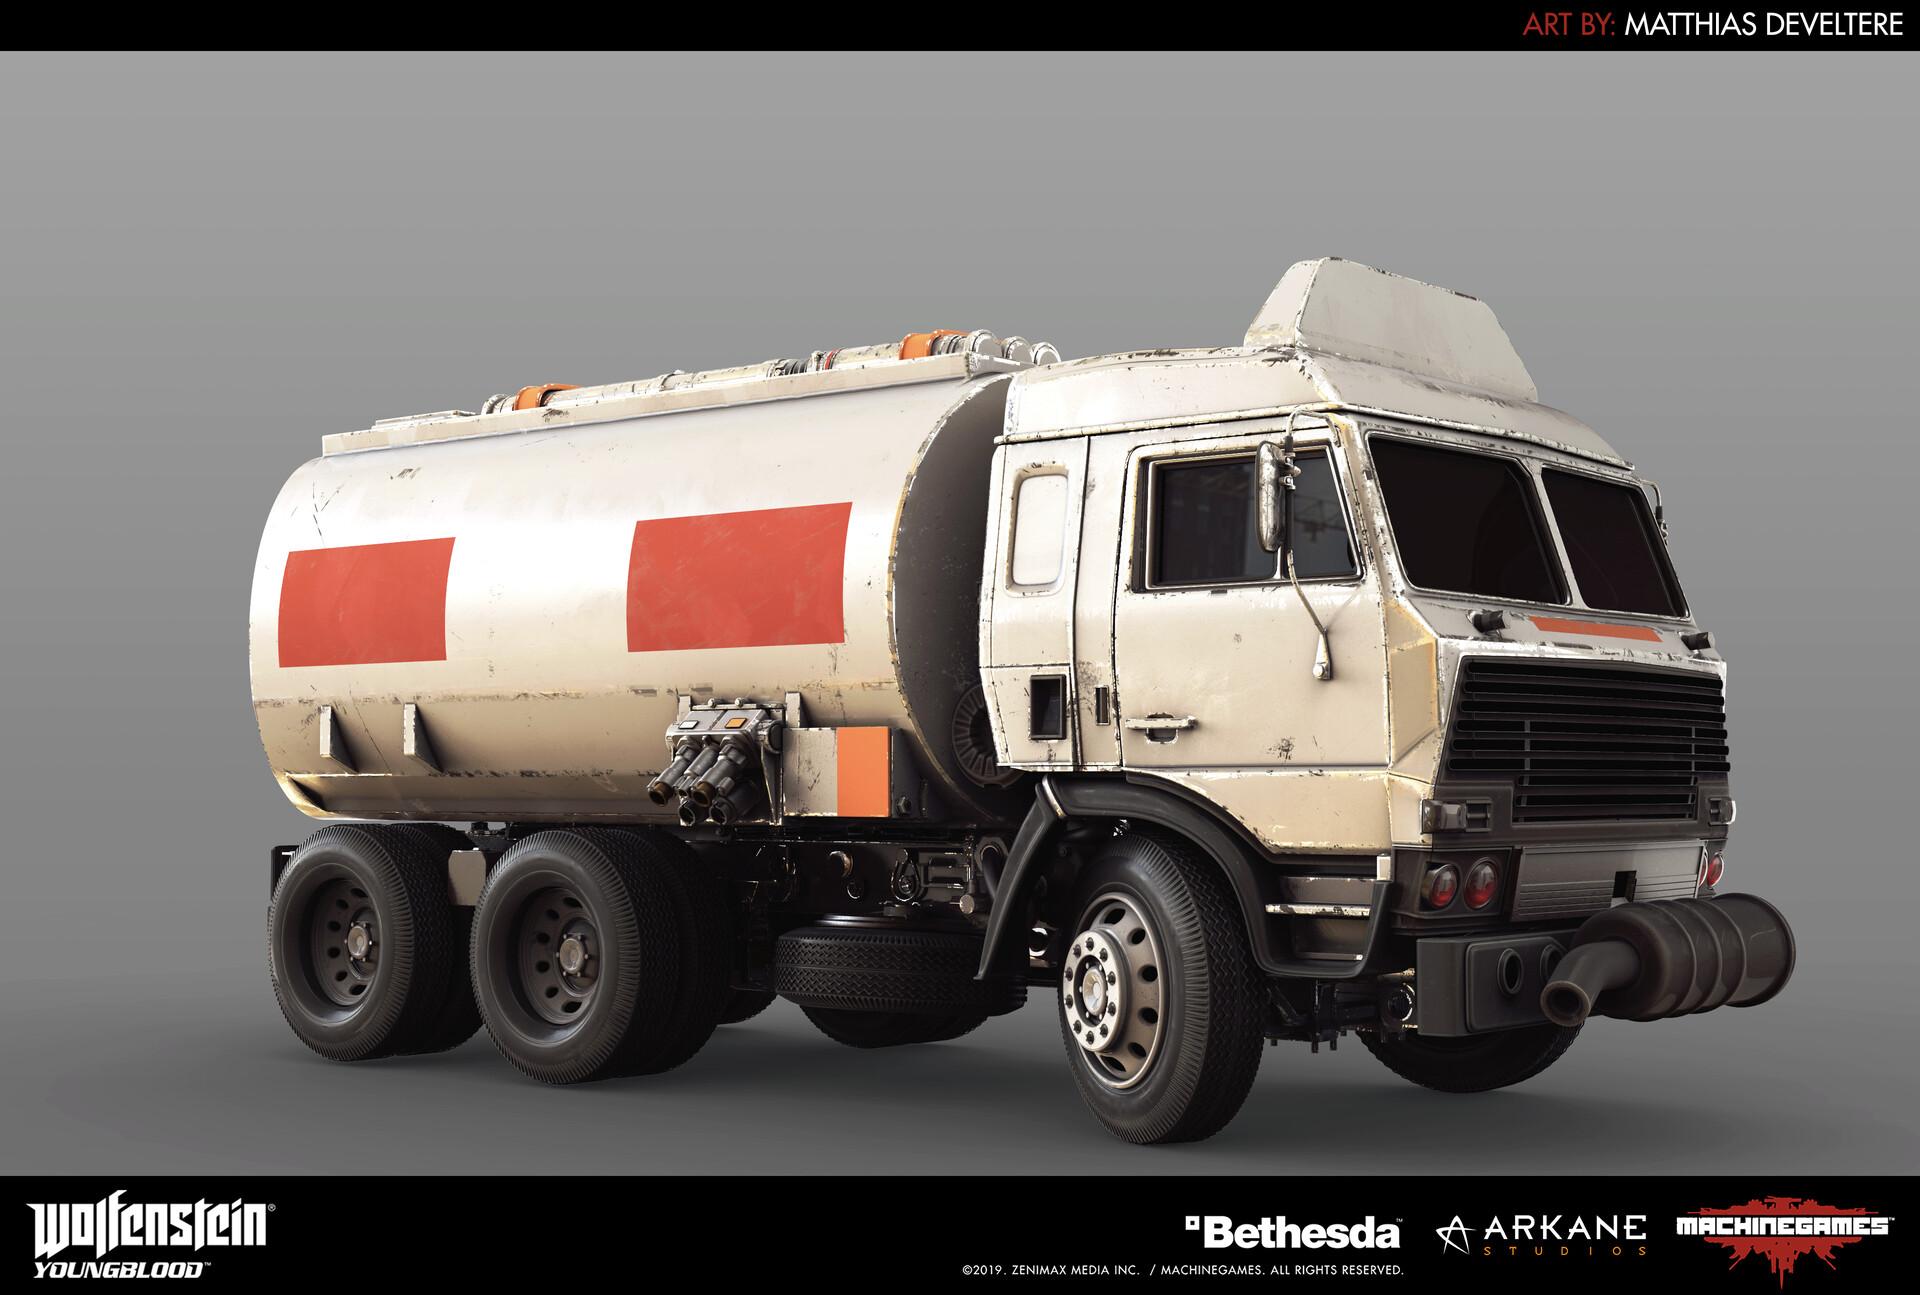 Matthias develtere truck 4